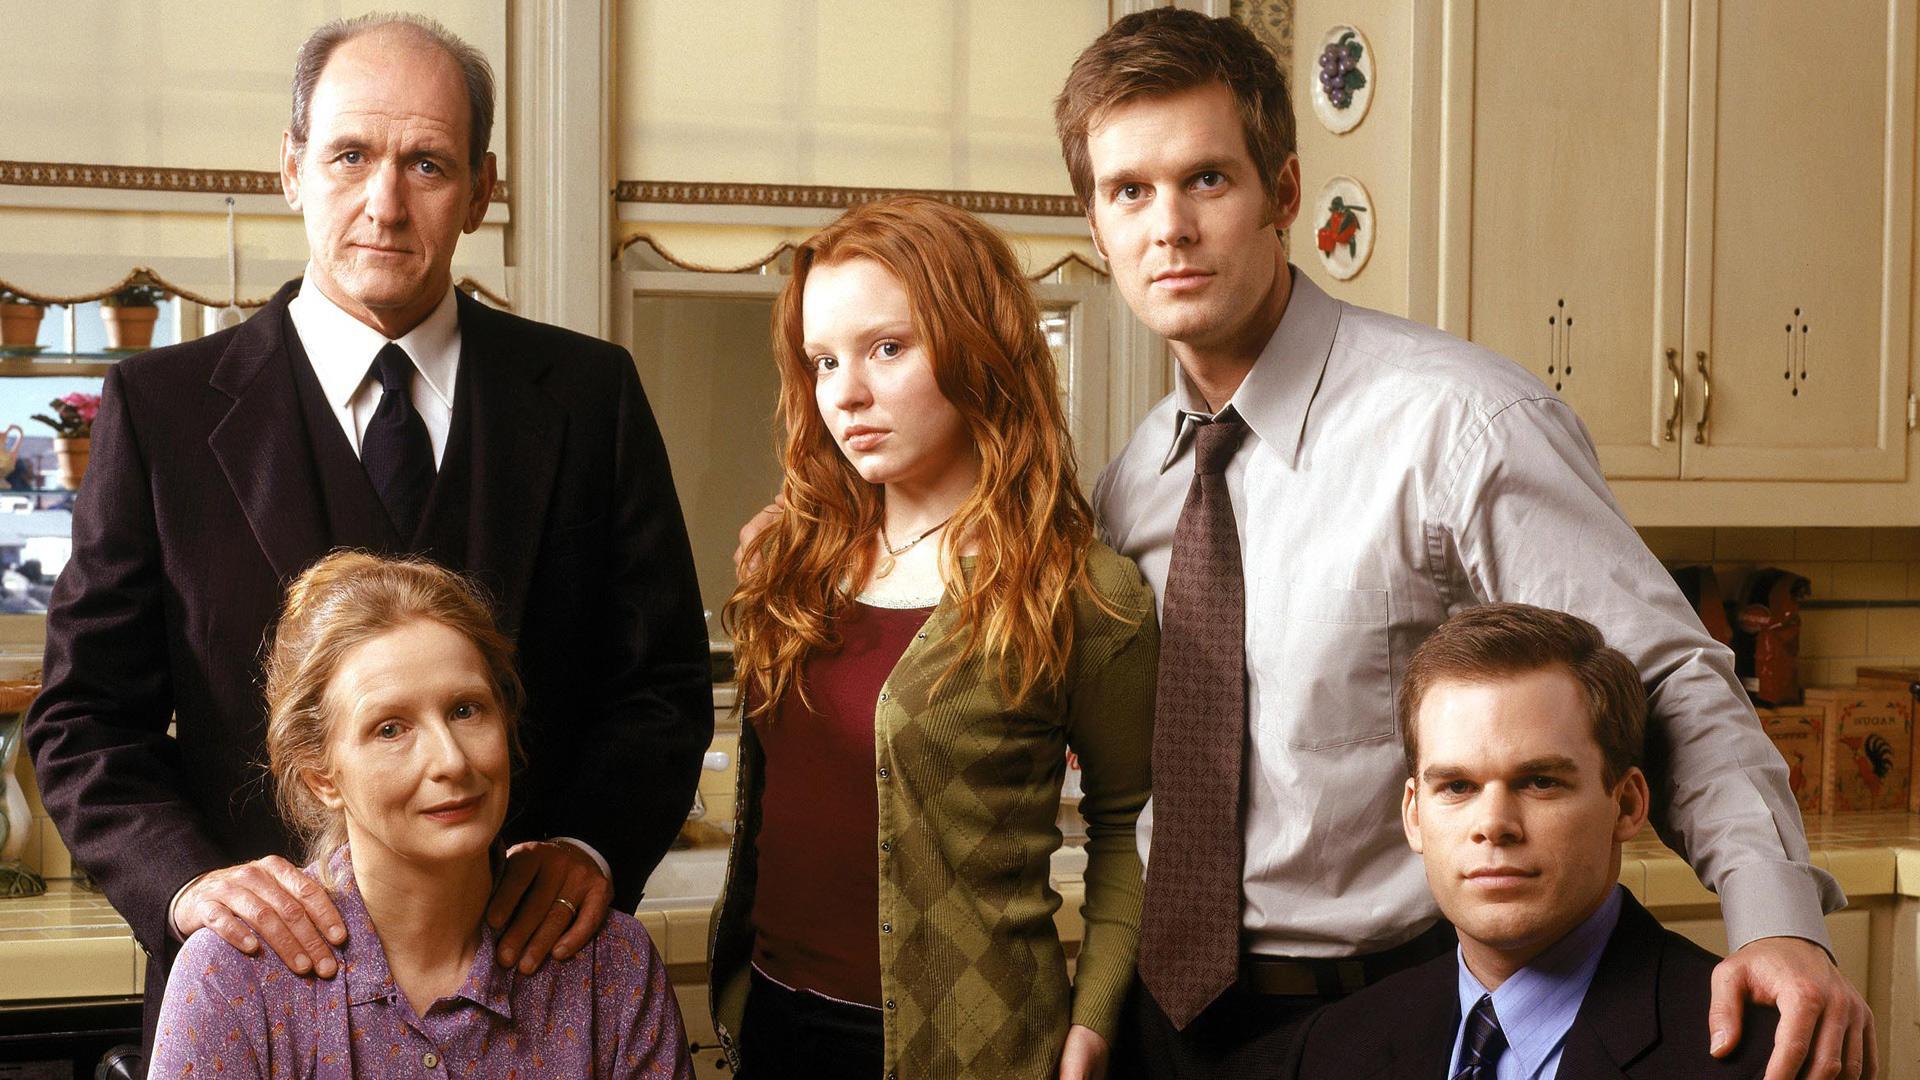 Six Feet Under Tv Show: Six Feet Under Cast HD Wallpaper